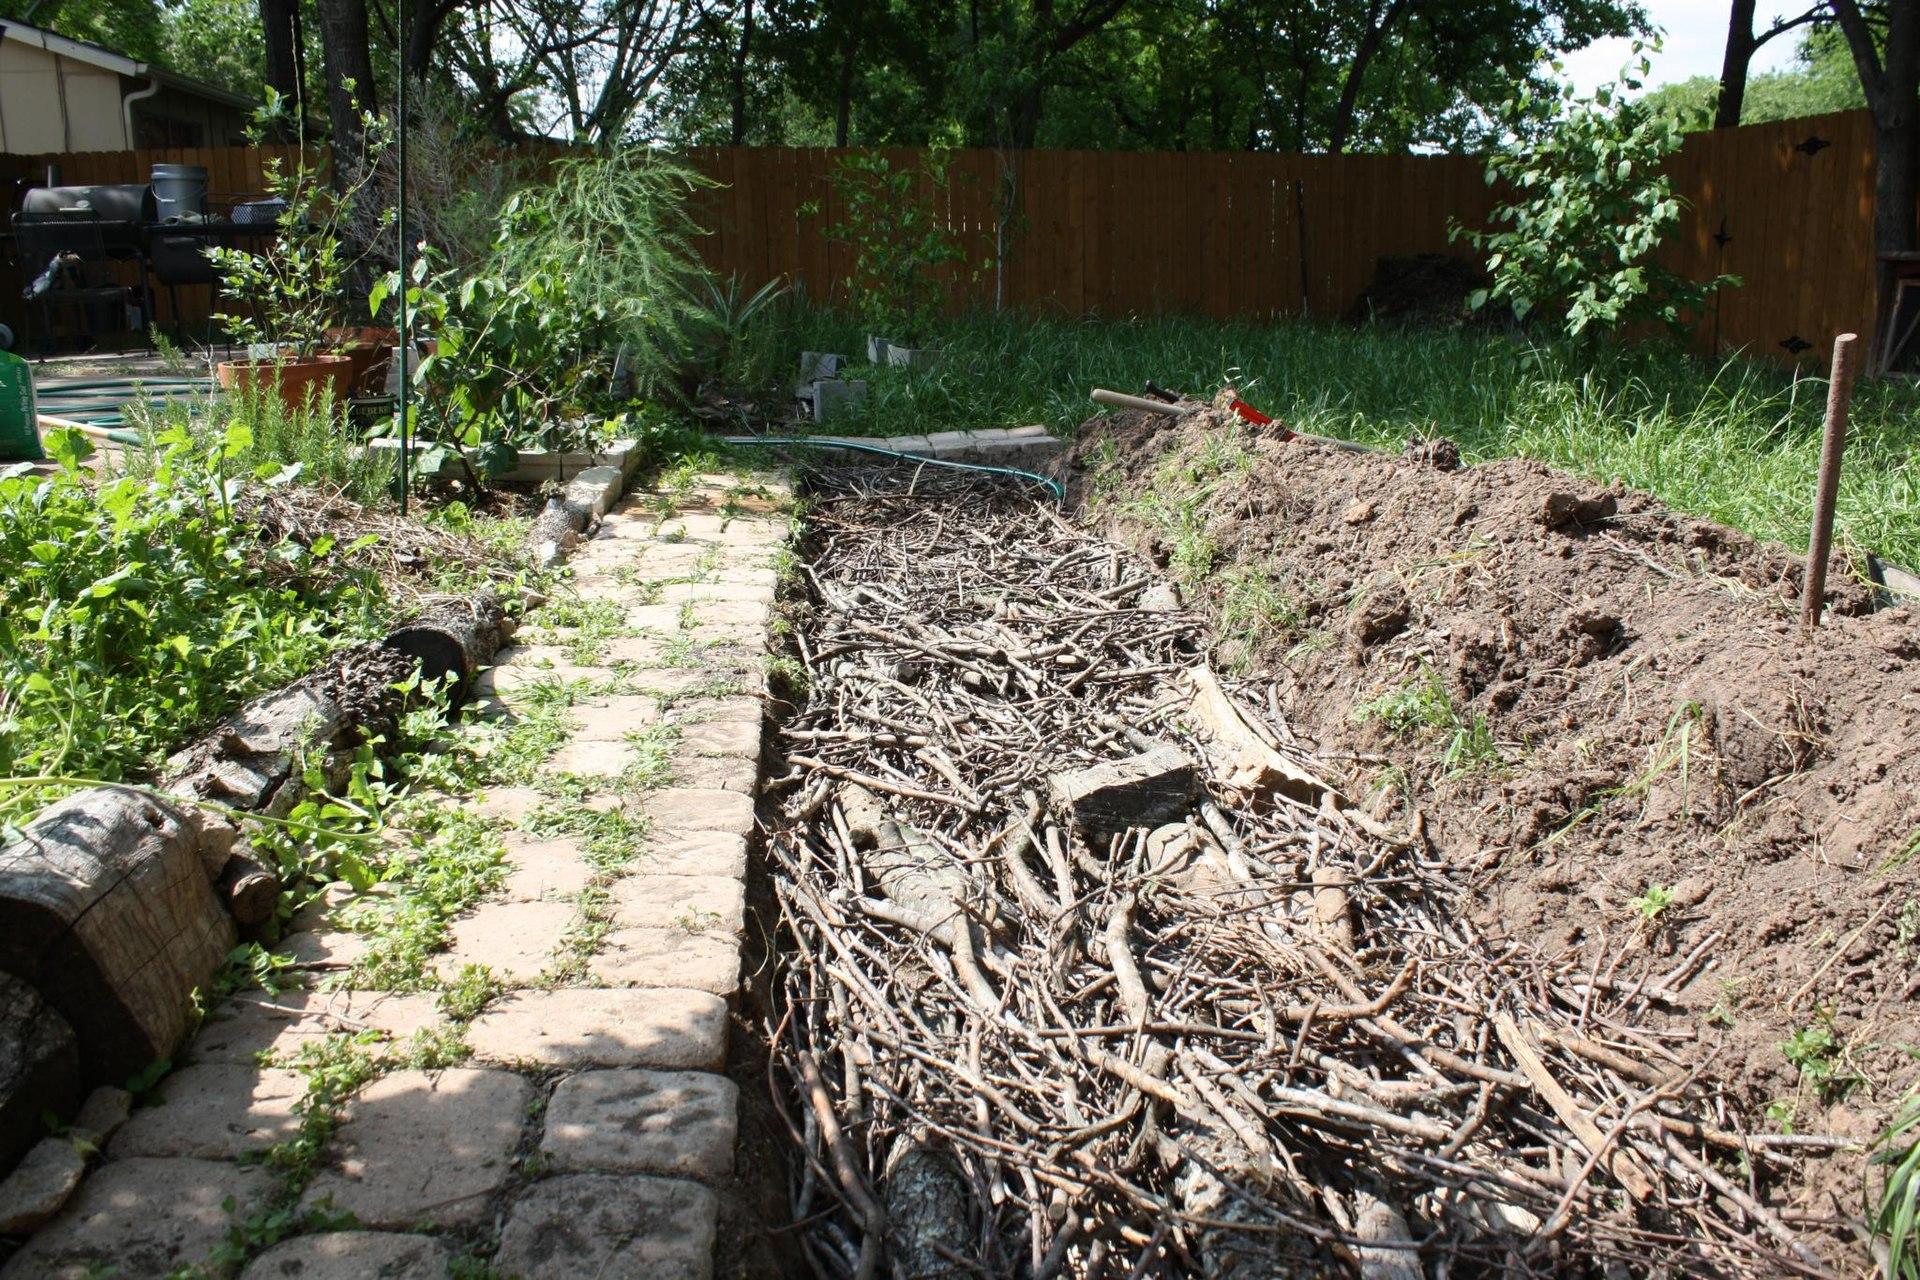 1920px-Garden%2C_12_Apr_2012_%286925991616%29.jpg